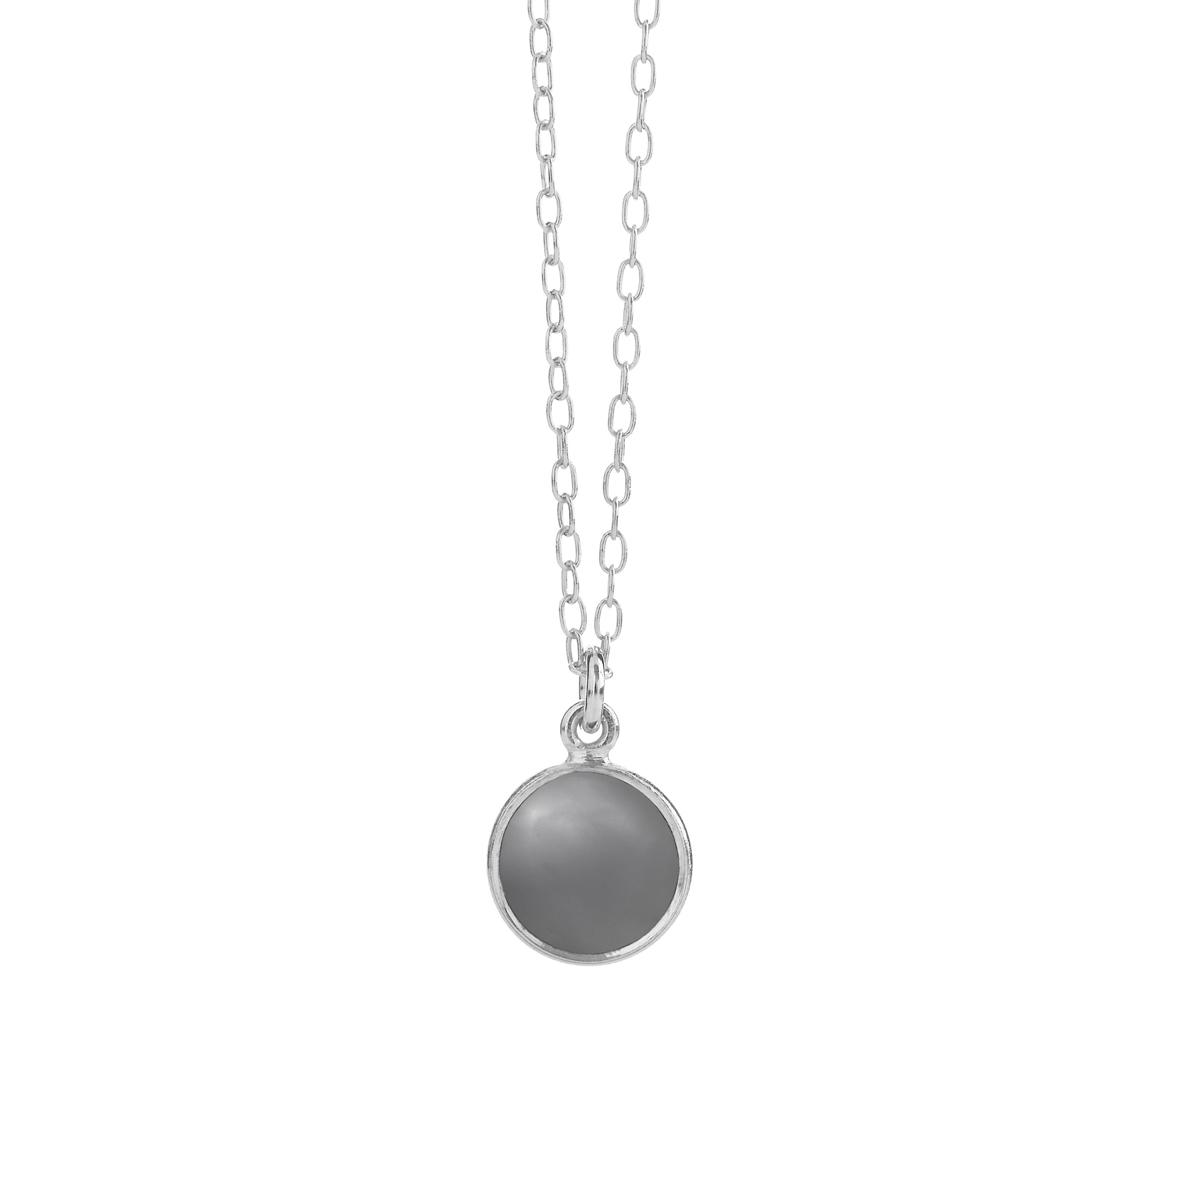 sølv halskæde fra Susanne Friis Bjørner med grå agat